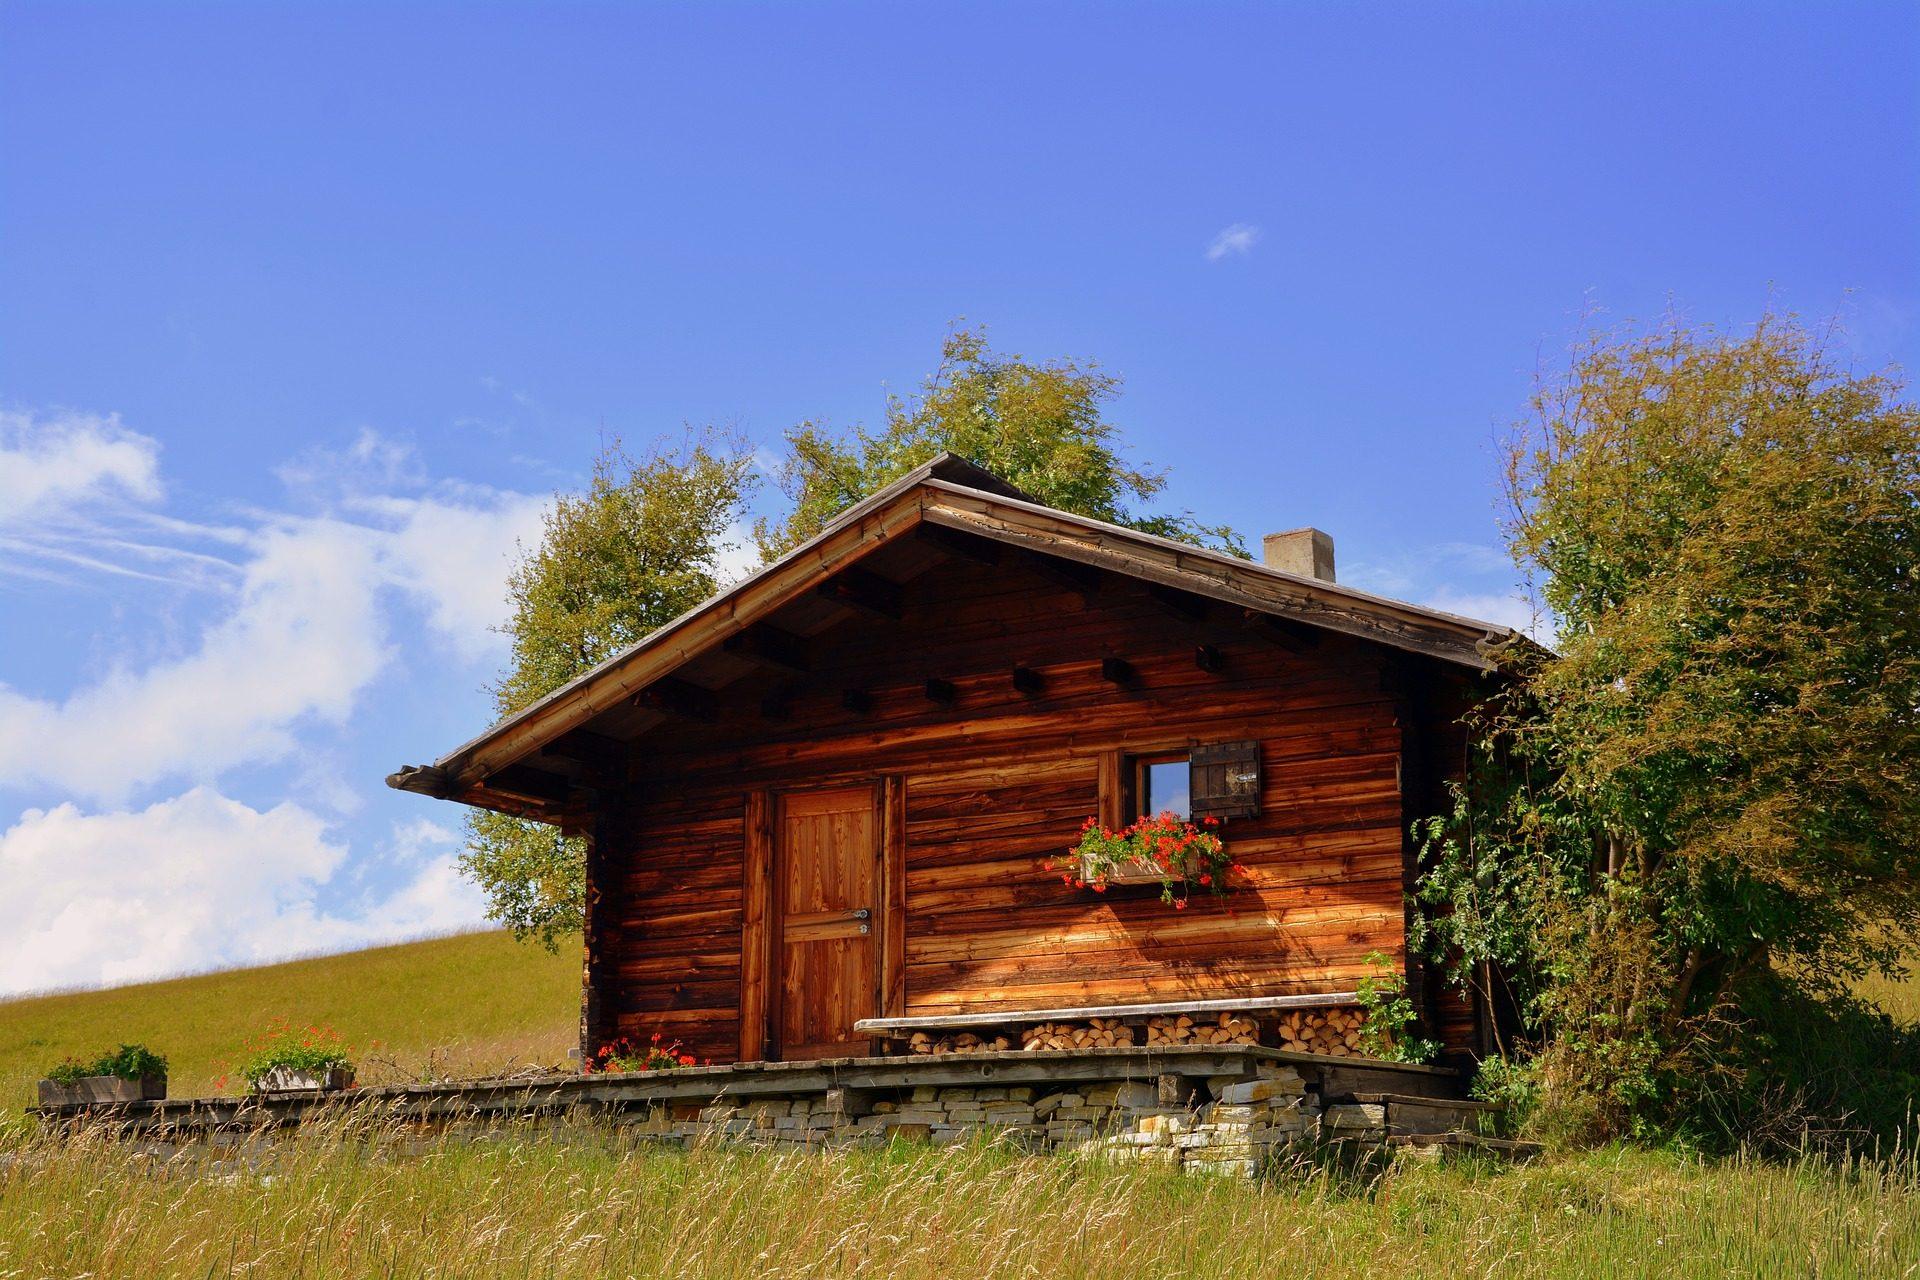 Casa, Pradera, campo, madeira, árvores - Papéis de parede HD - Professor-falken.com